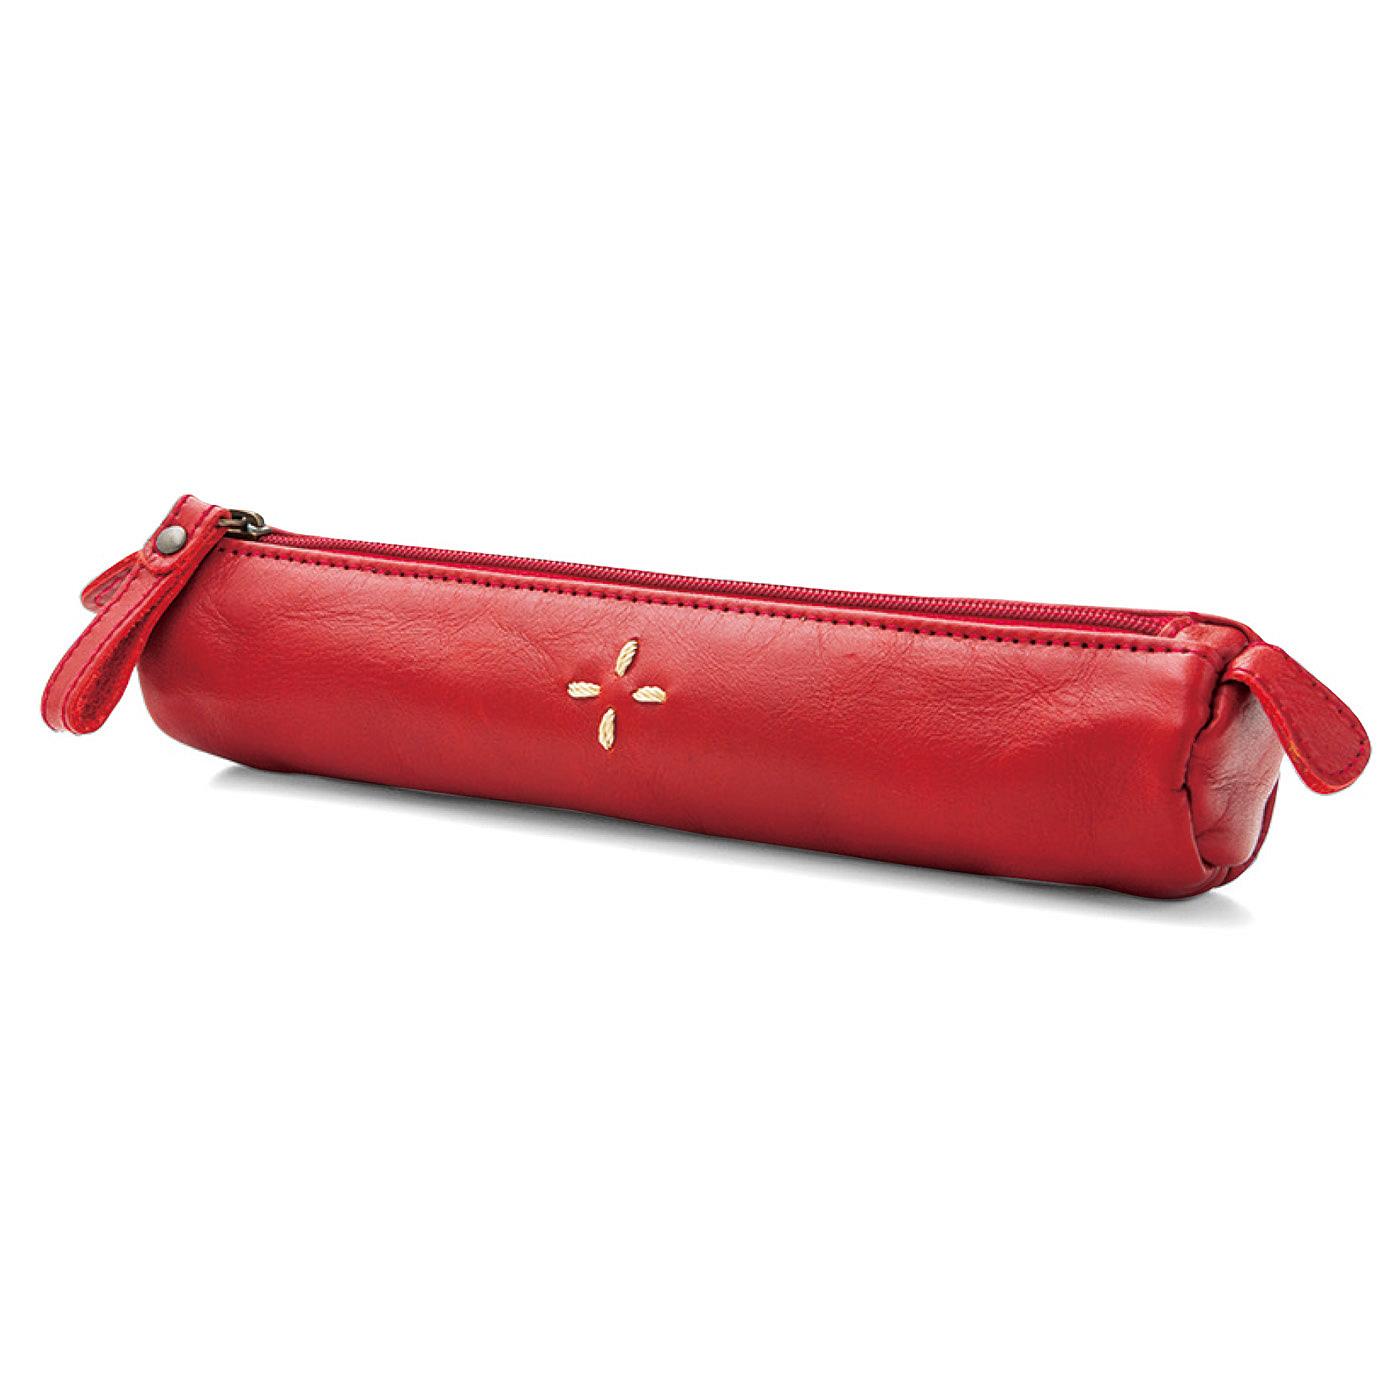 バッグの中でかさばらない、筒状のスマートなフォルム。小ぶりでも、本革の存在感たっぷり。